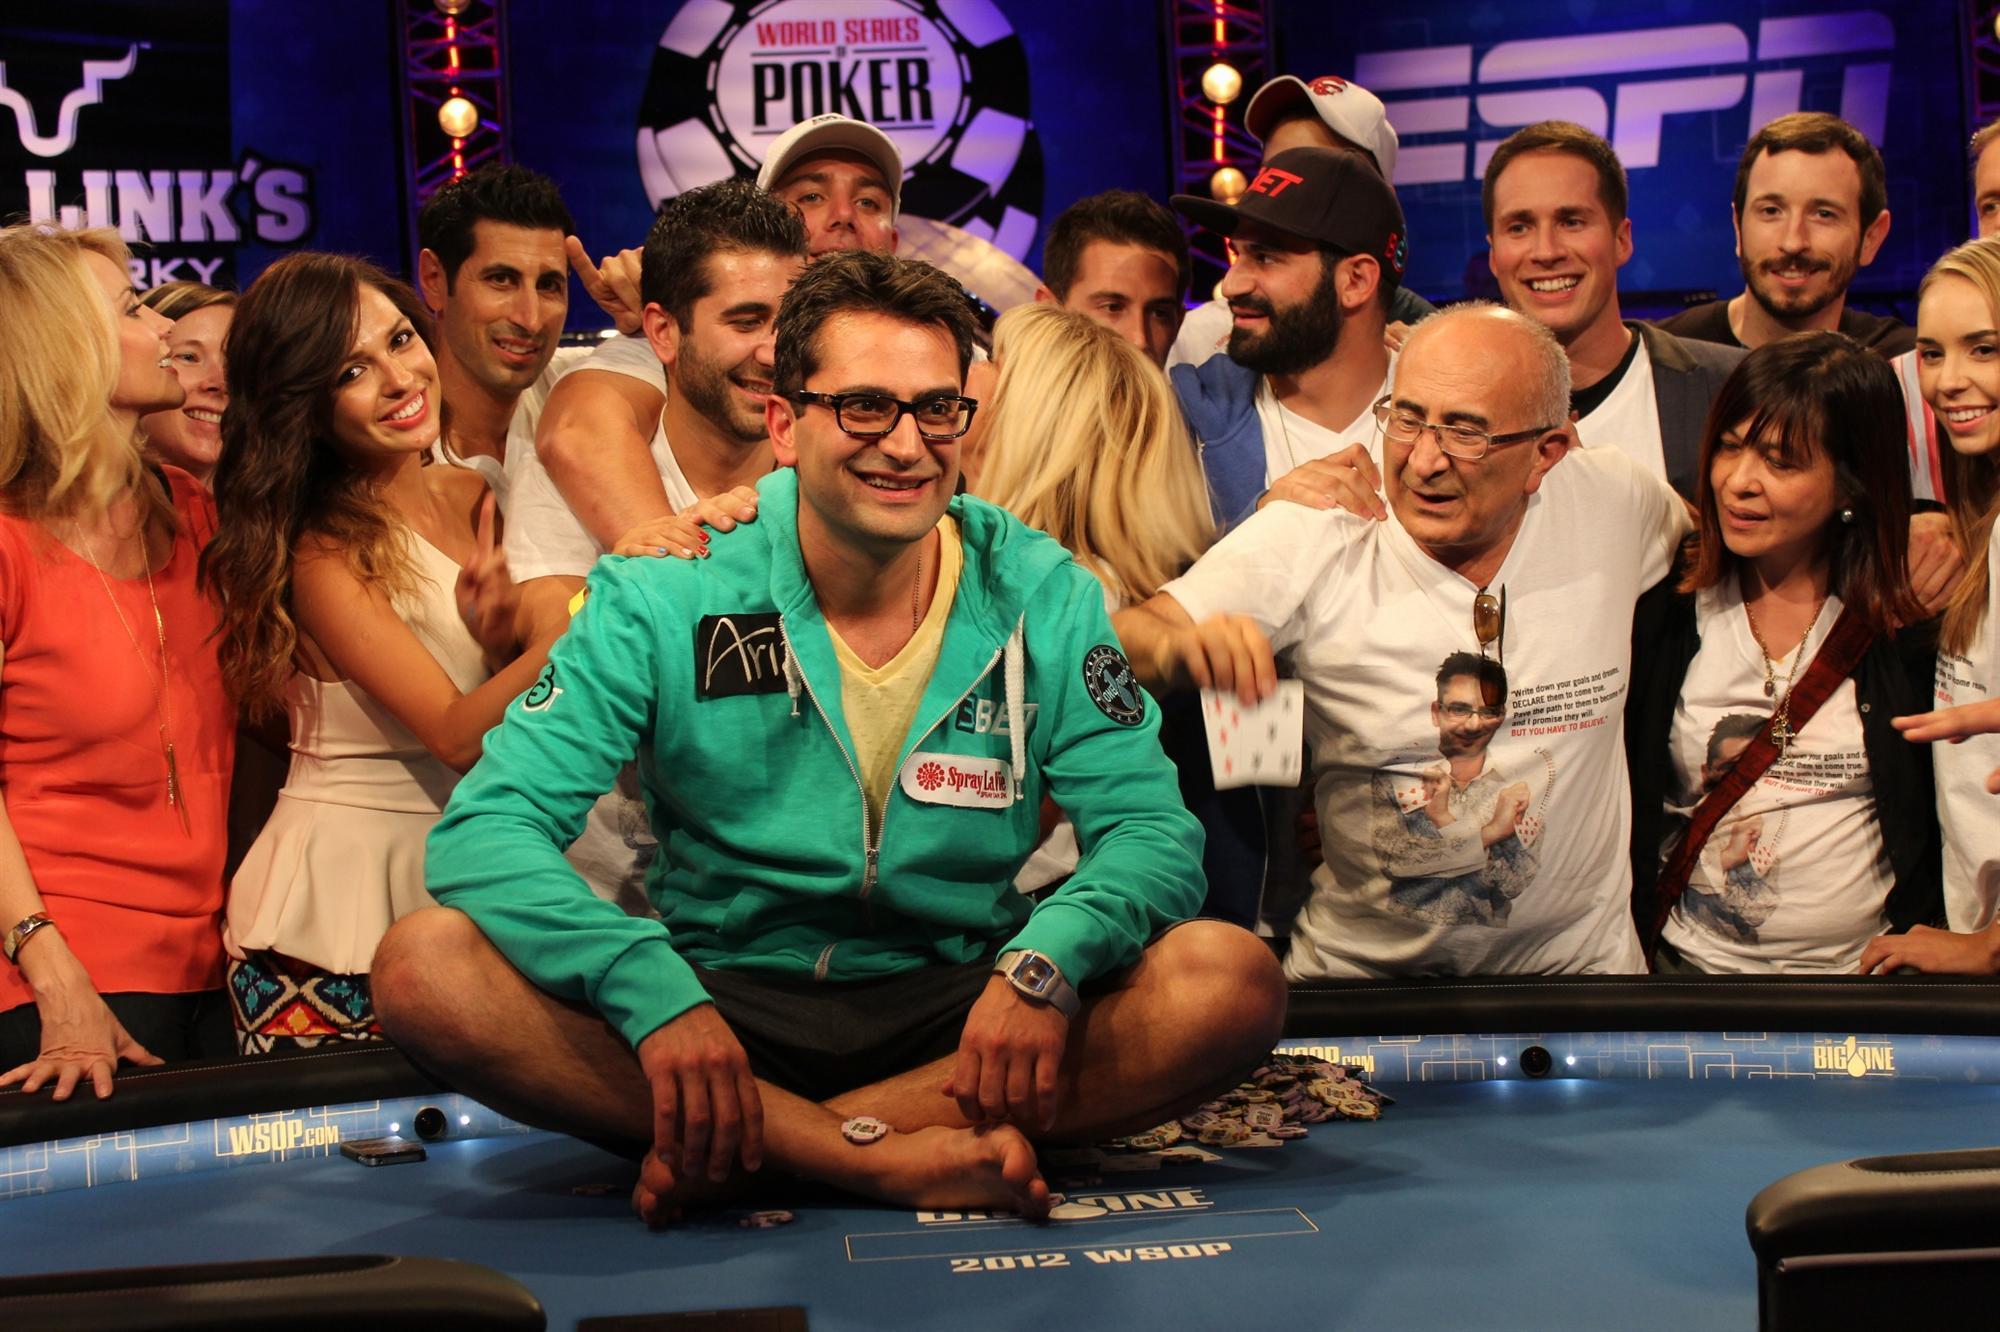 Antonio Esfandiari joueur de poker